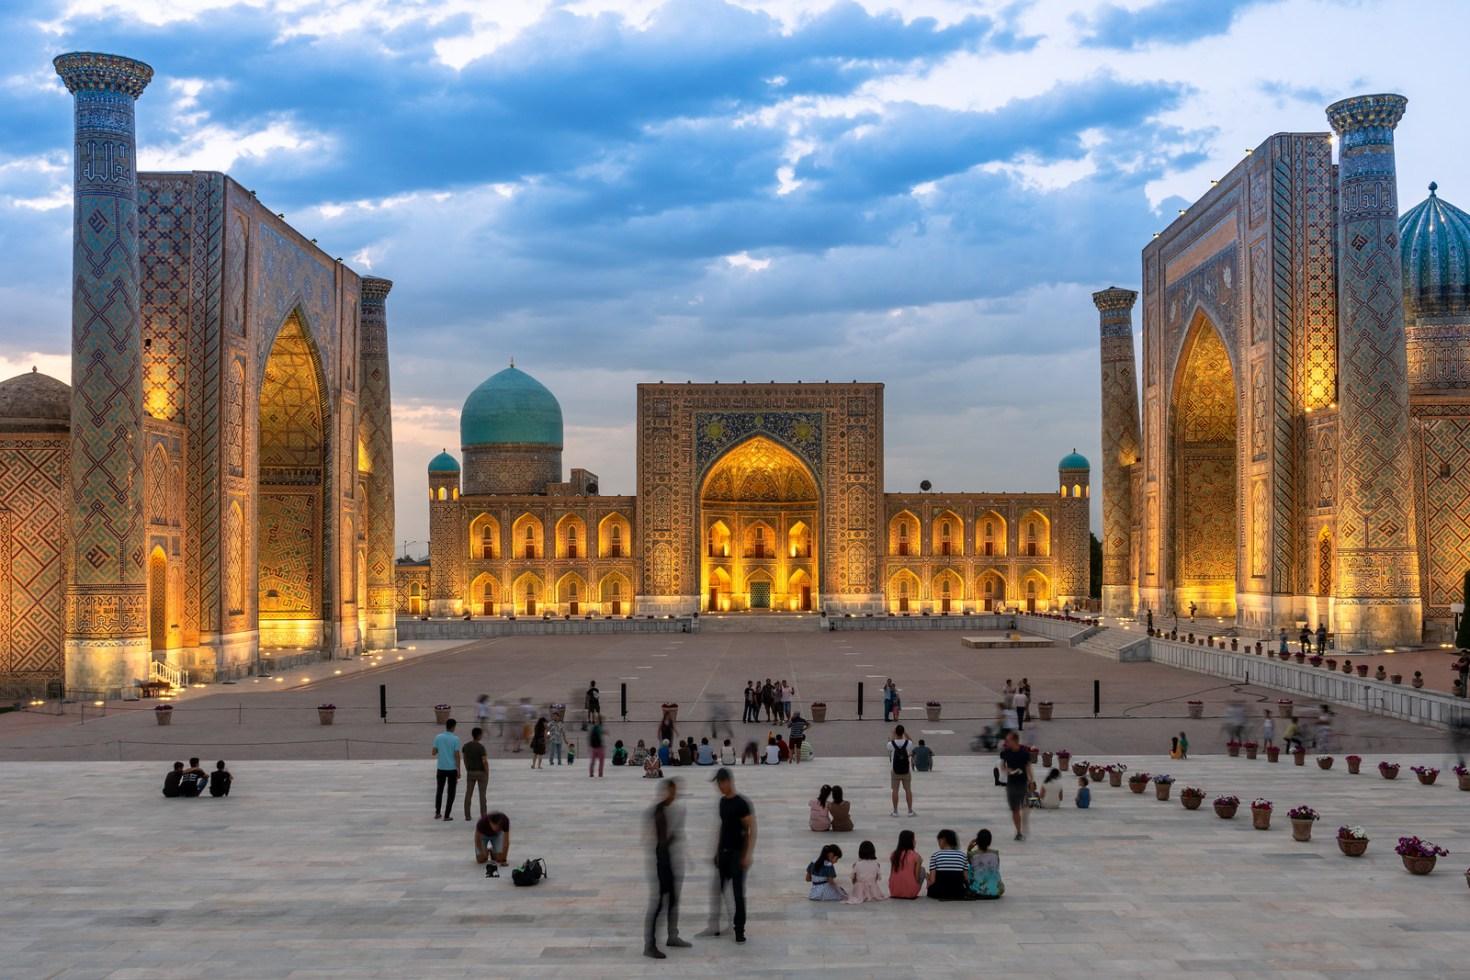 Uzbekistan, Samarkand - Registan